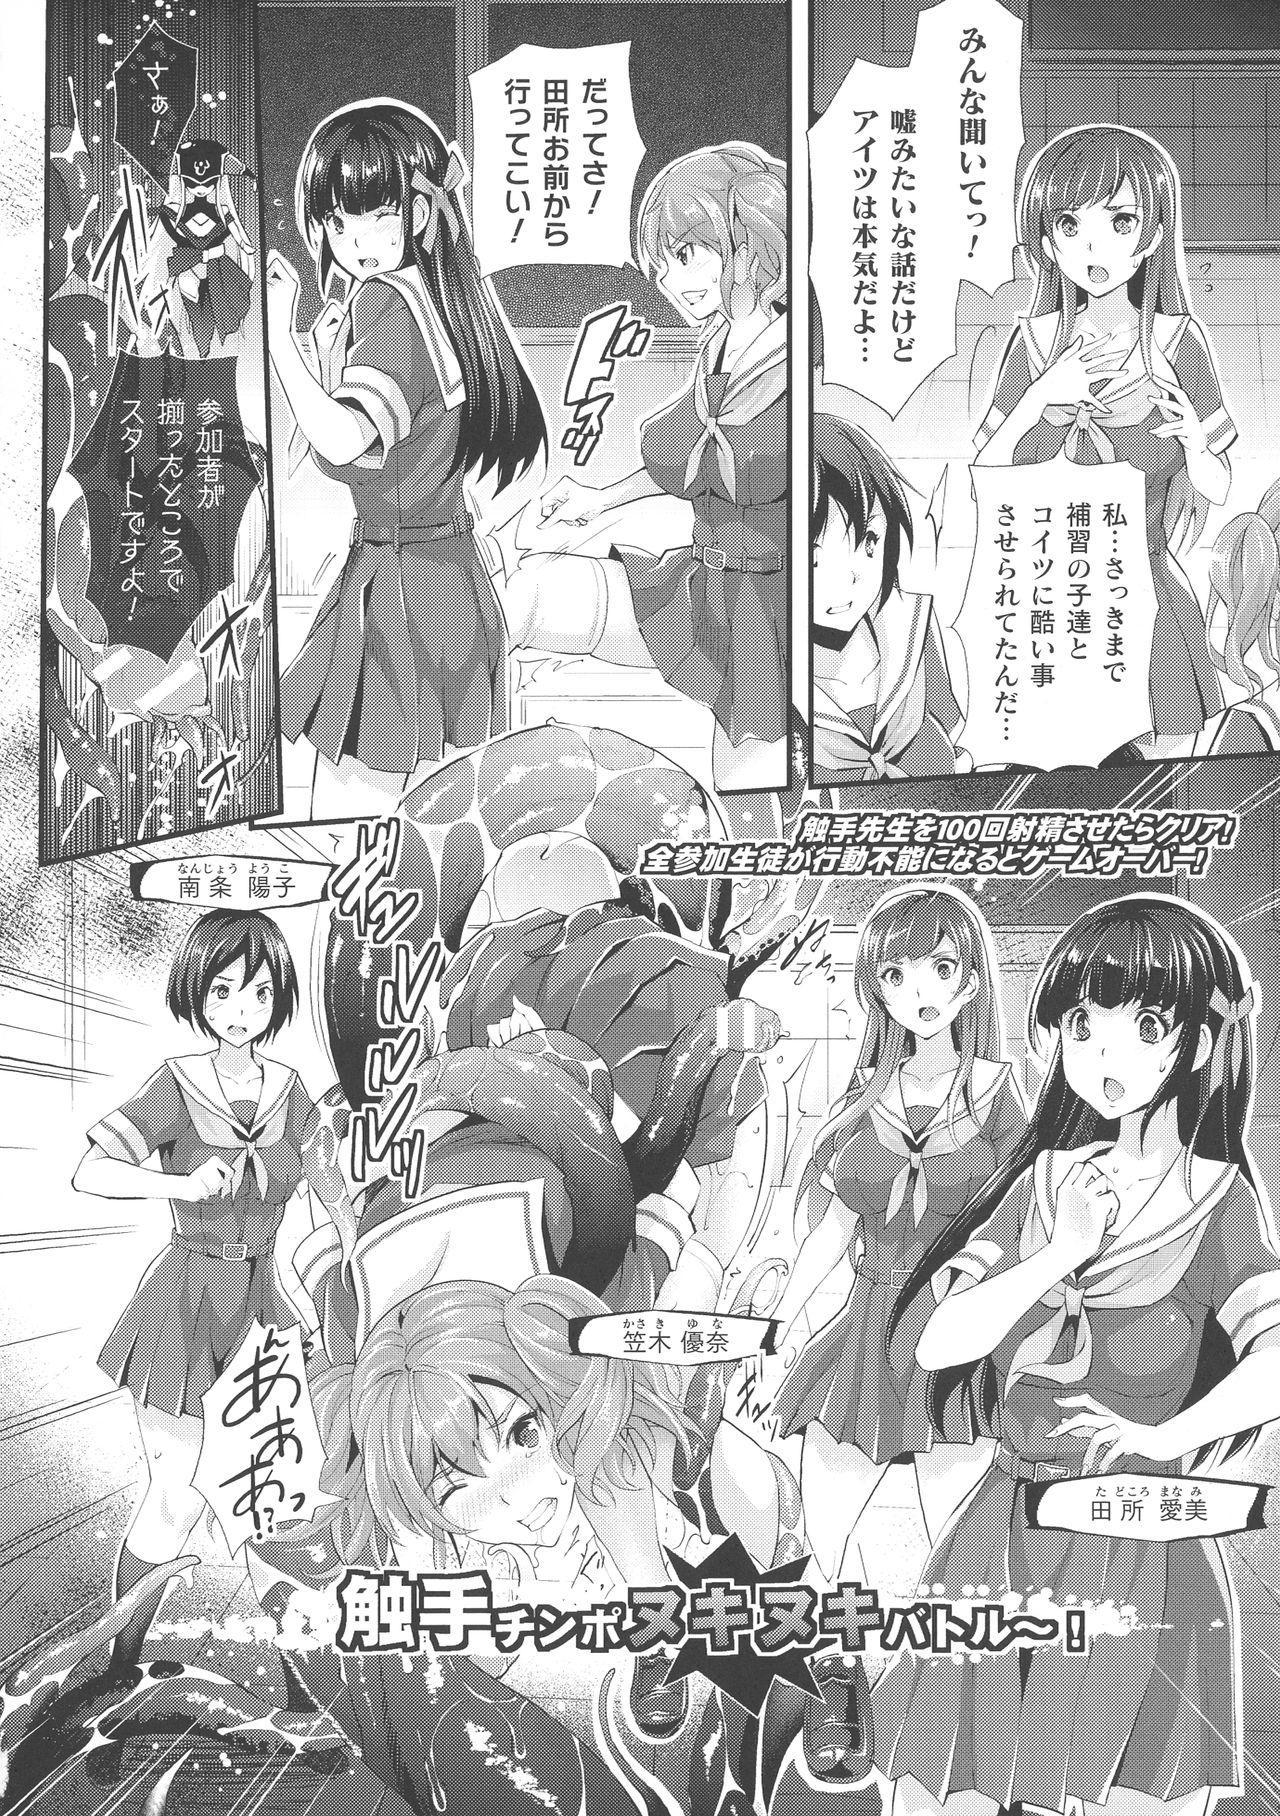 Abandon-100 Nukishinai to Derarenai Fushigi na Kyoushitsu 42